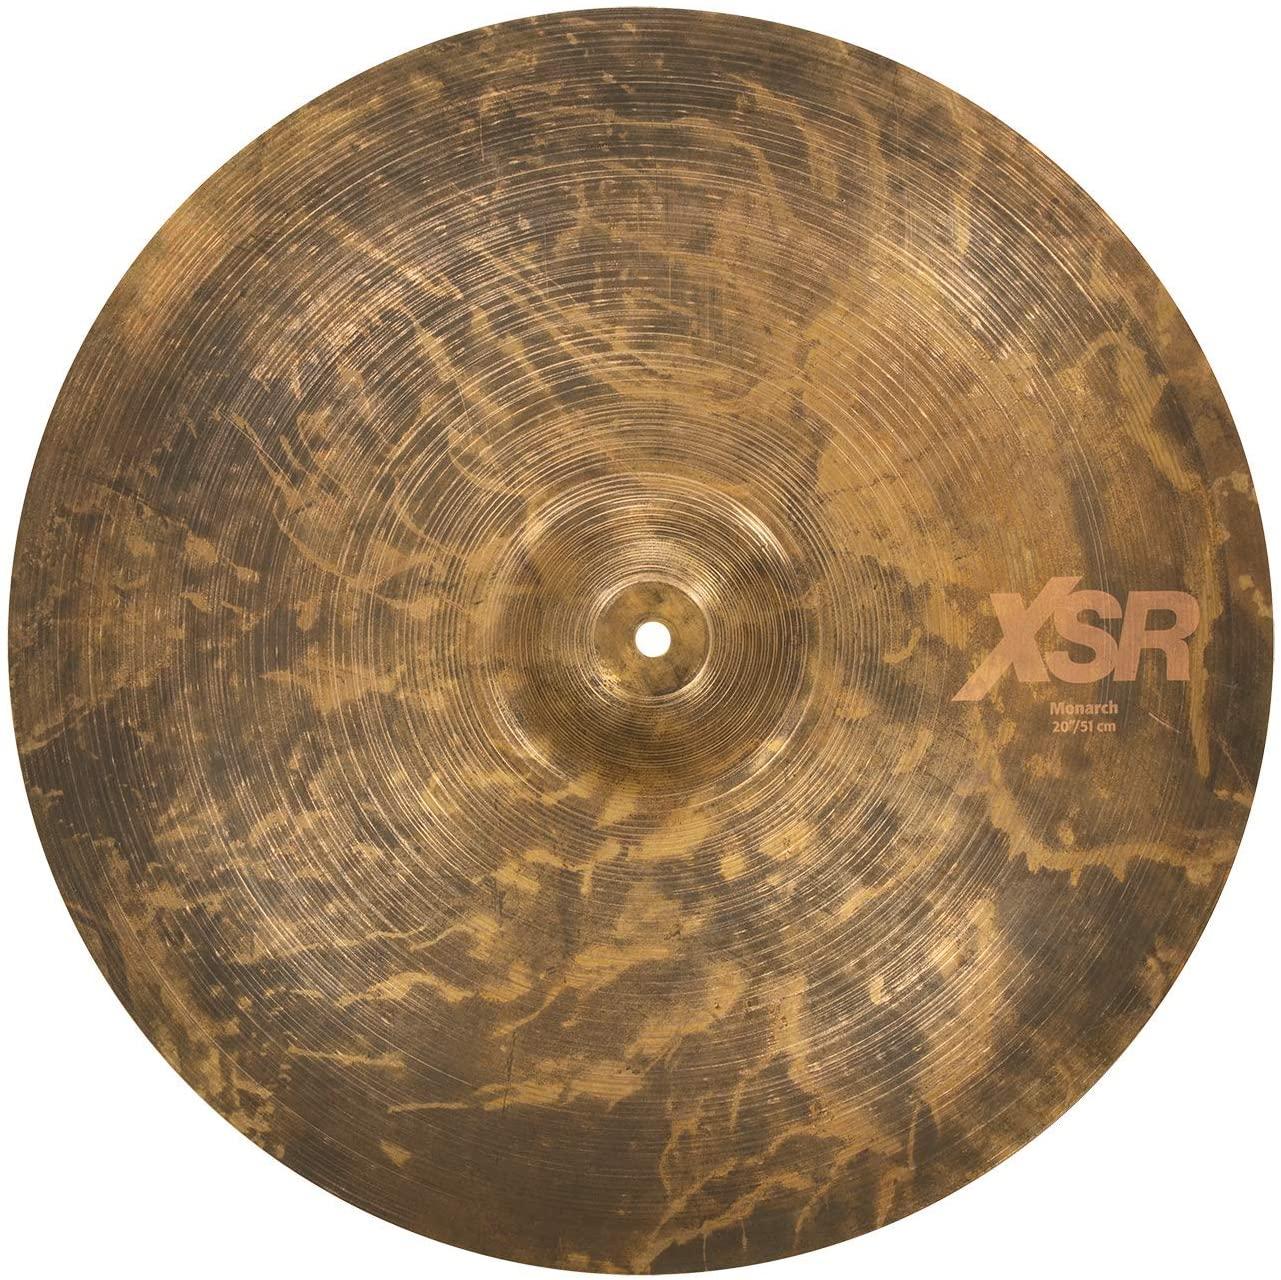 Sabian XSR 20